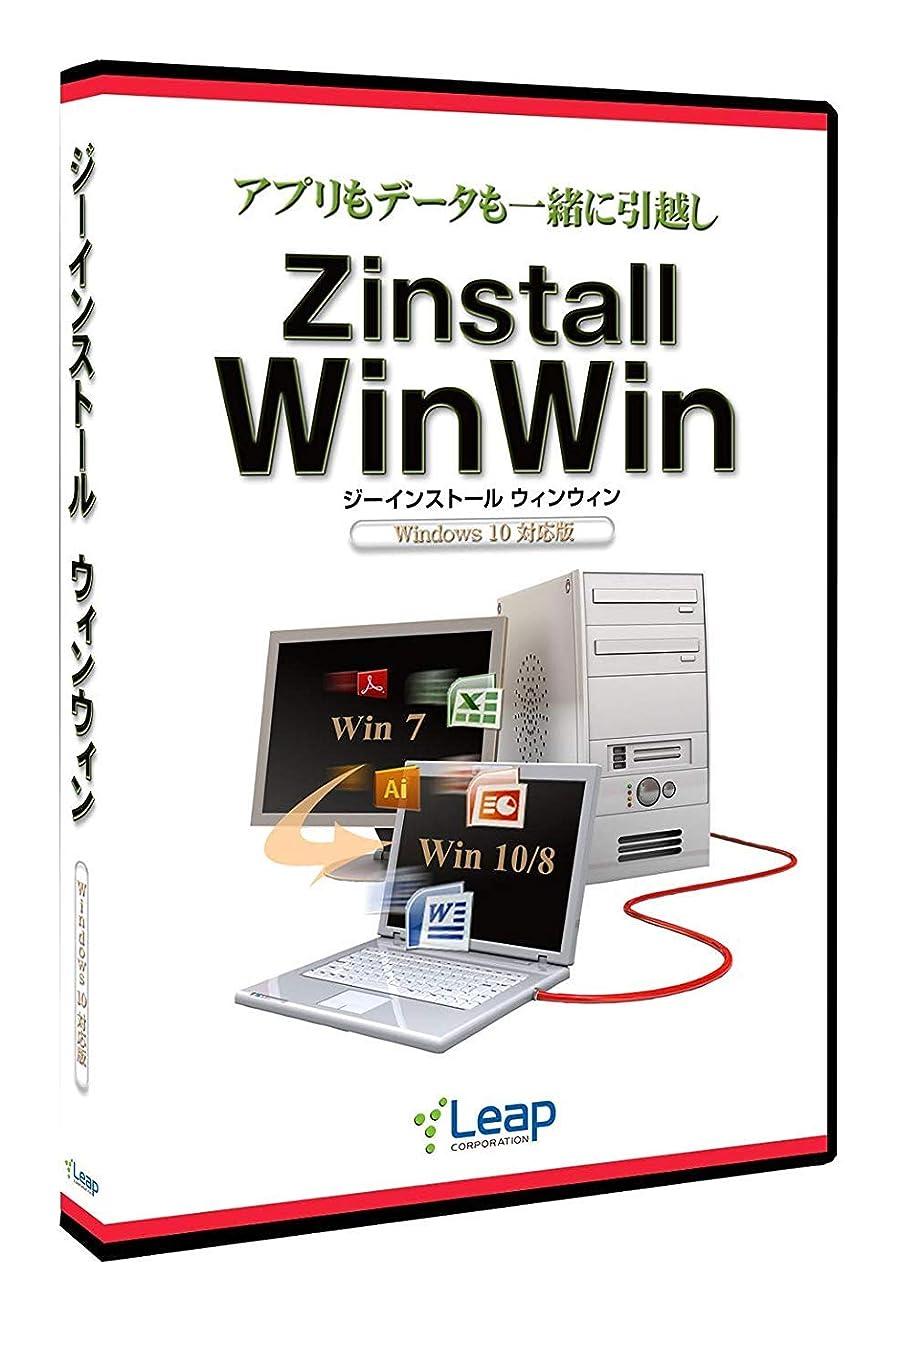 転倒ミルクピッチリープコーポレーション Zinstall WinWin Windows10対応版(DVDパッケージ)